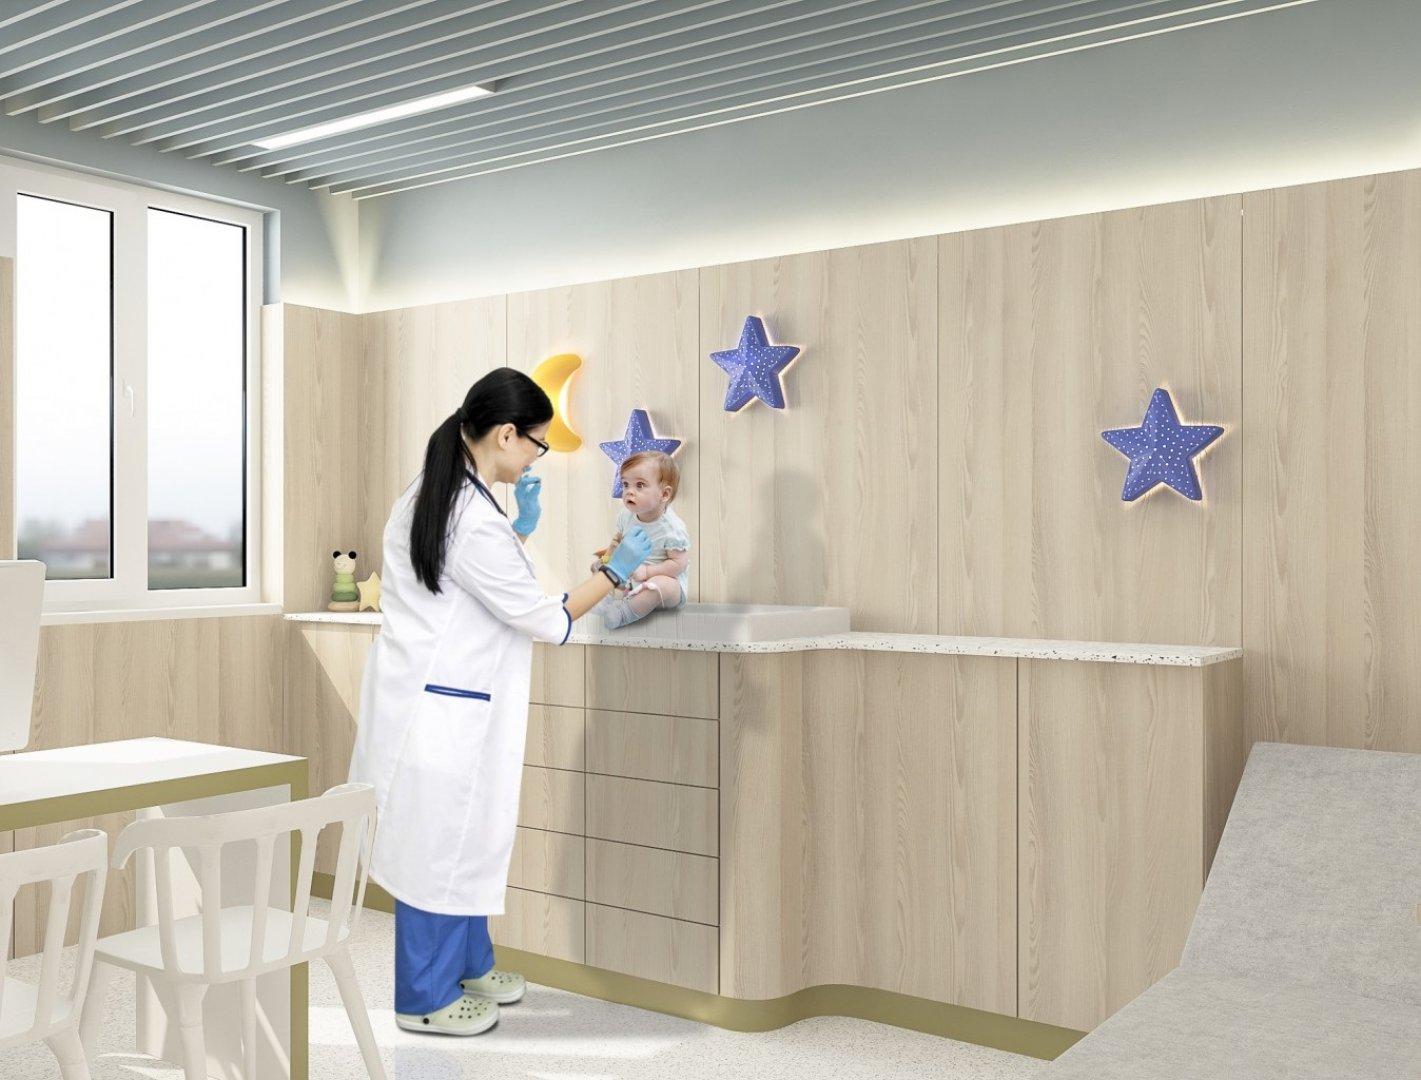 Специализираната детска болница ще предлага лечение на деца от Източна България. Снимката е илюстративна